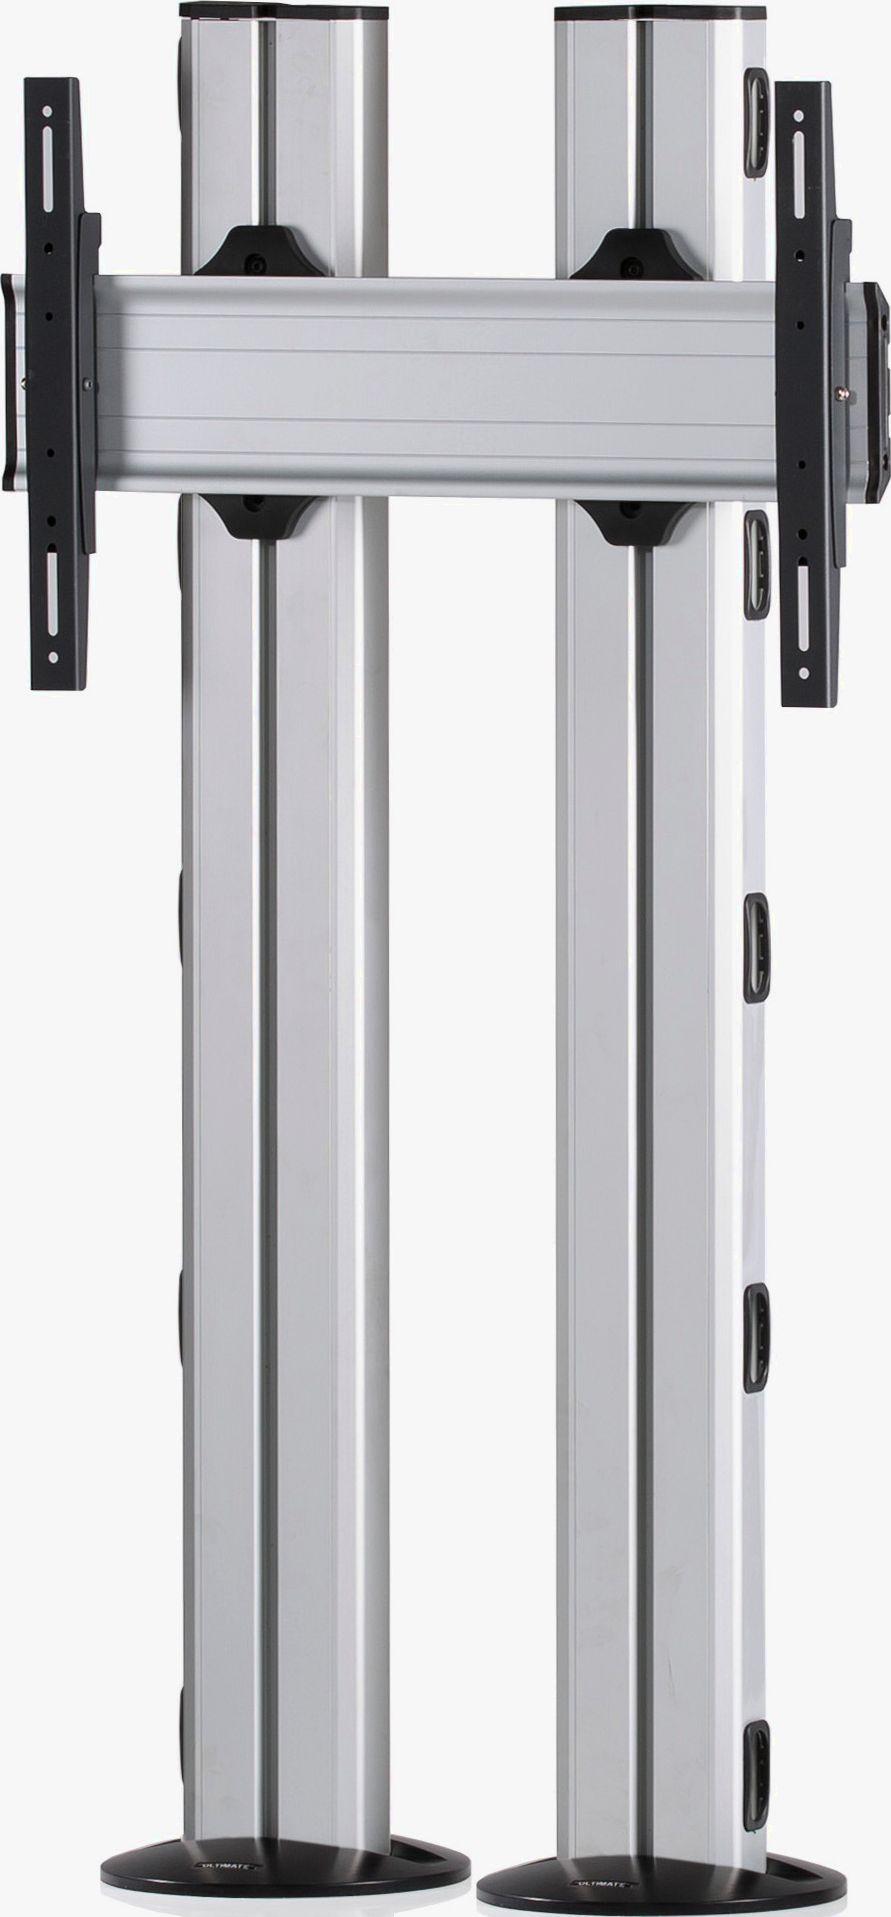 1 Display 1×1, für große Bildschirme, Höhe 135 cm, Standard-VESA, zur Bodenbefestigung